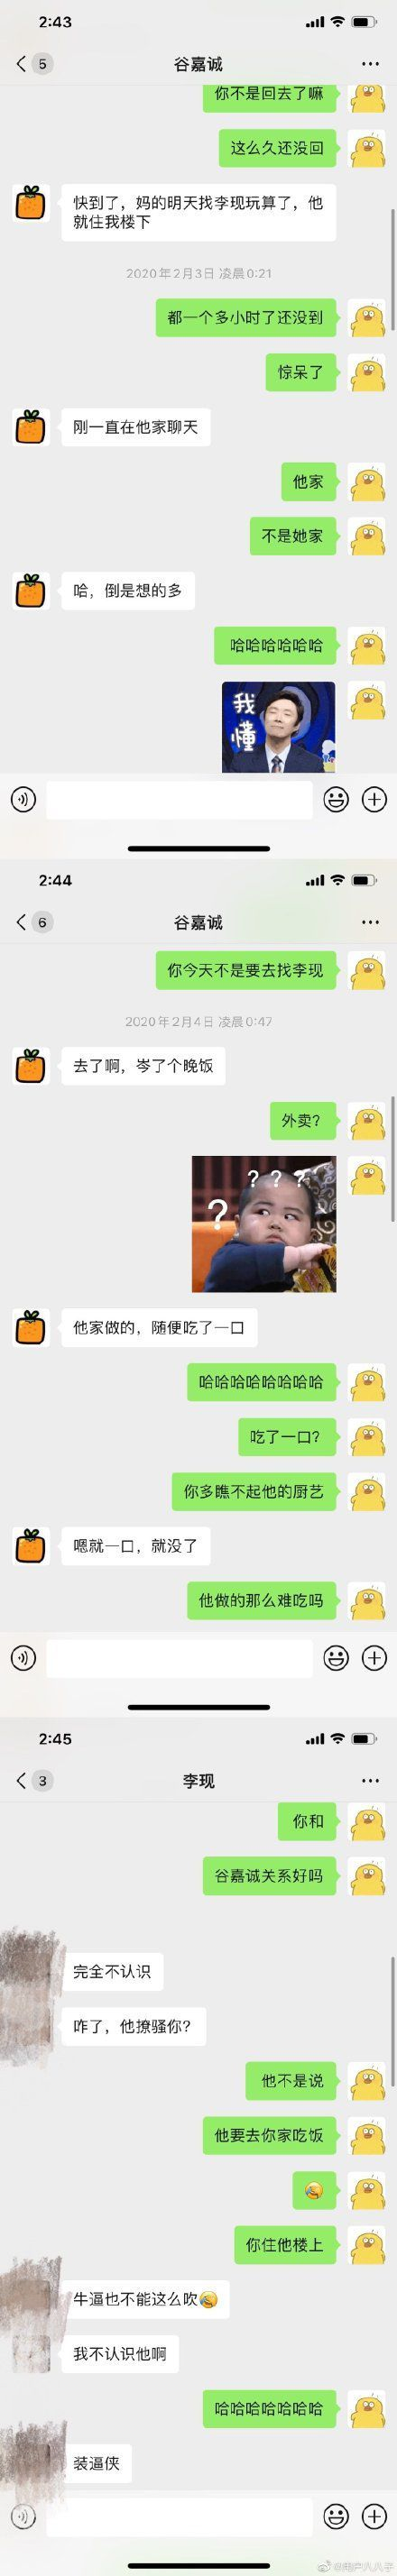 """曝聊天记录!李现和谷嘉诚前女友吐槽他是""""装逼侠"""""""